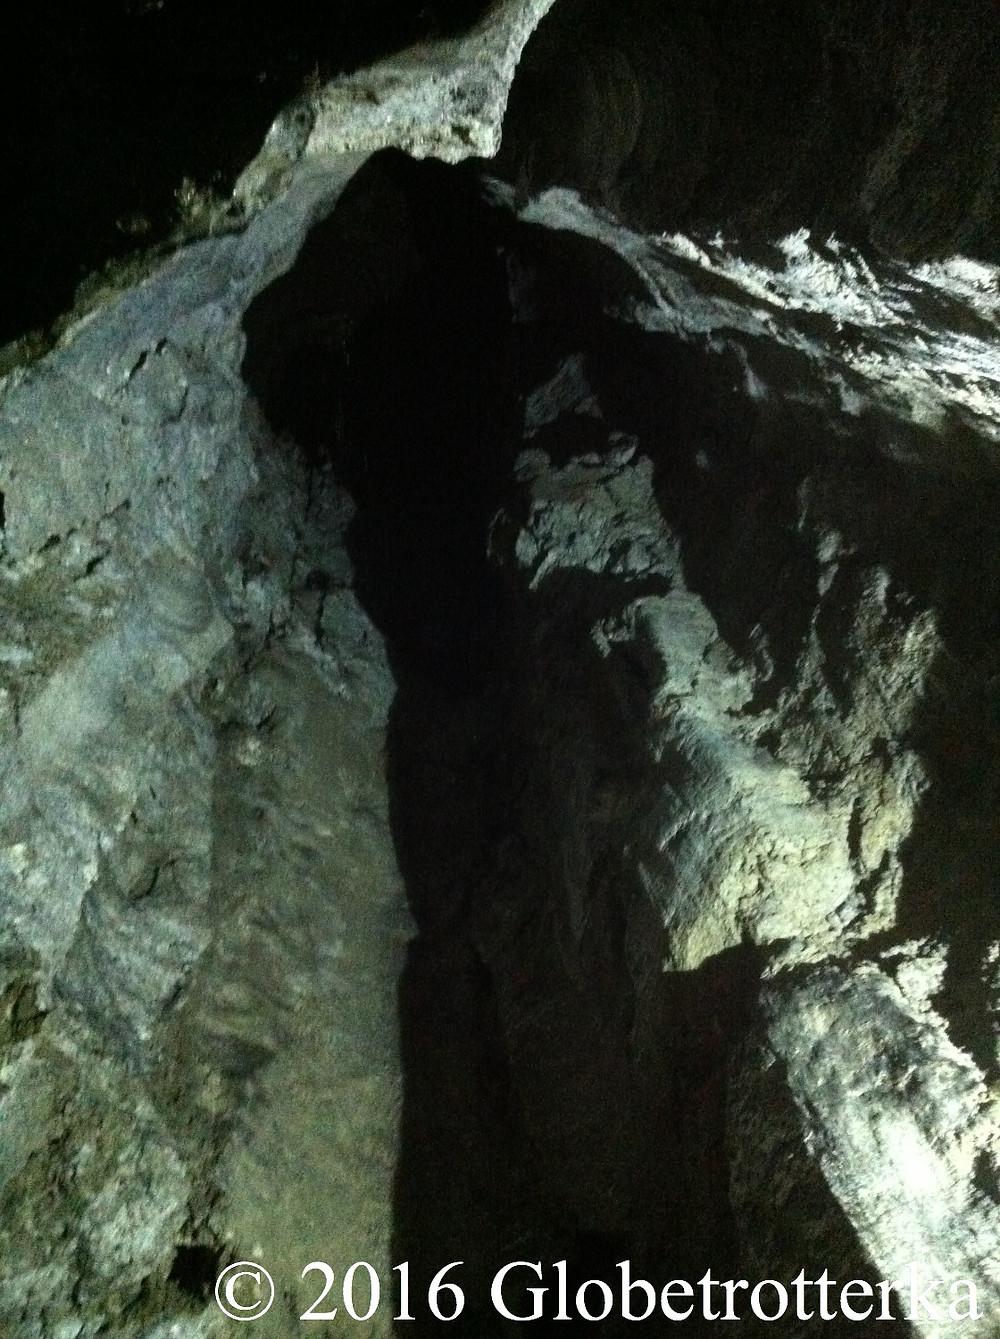 Grotte la plus haute, hauteur du plafond : 22 mètres. © 2016 Globetrotterka